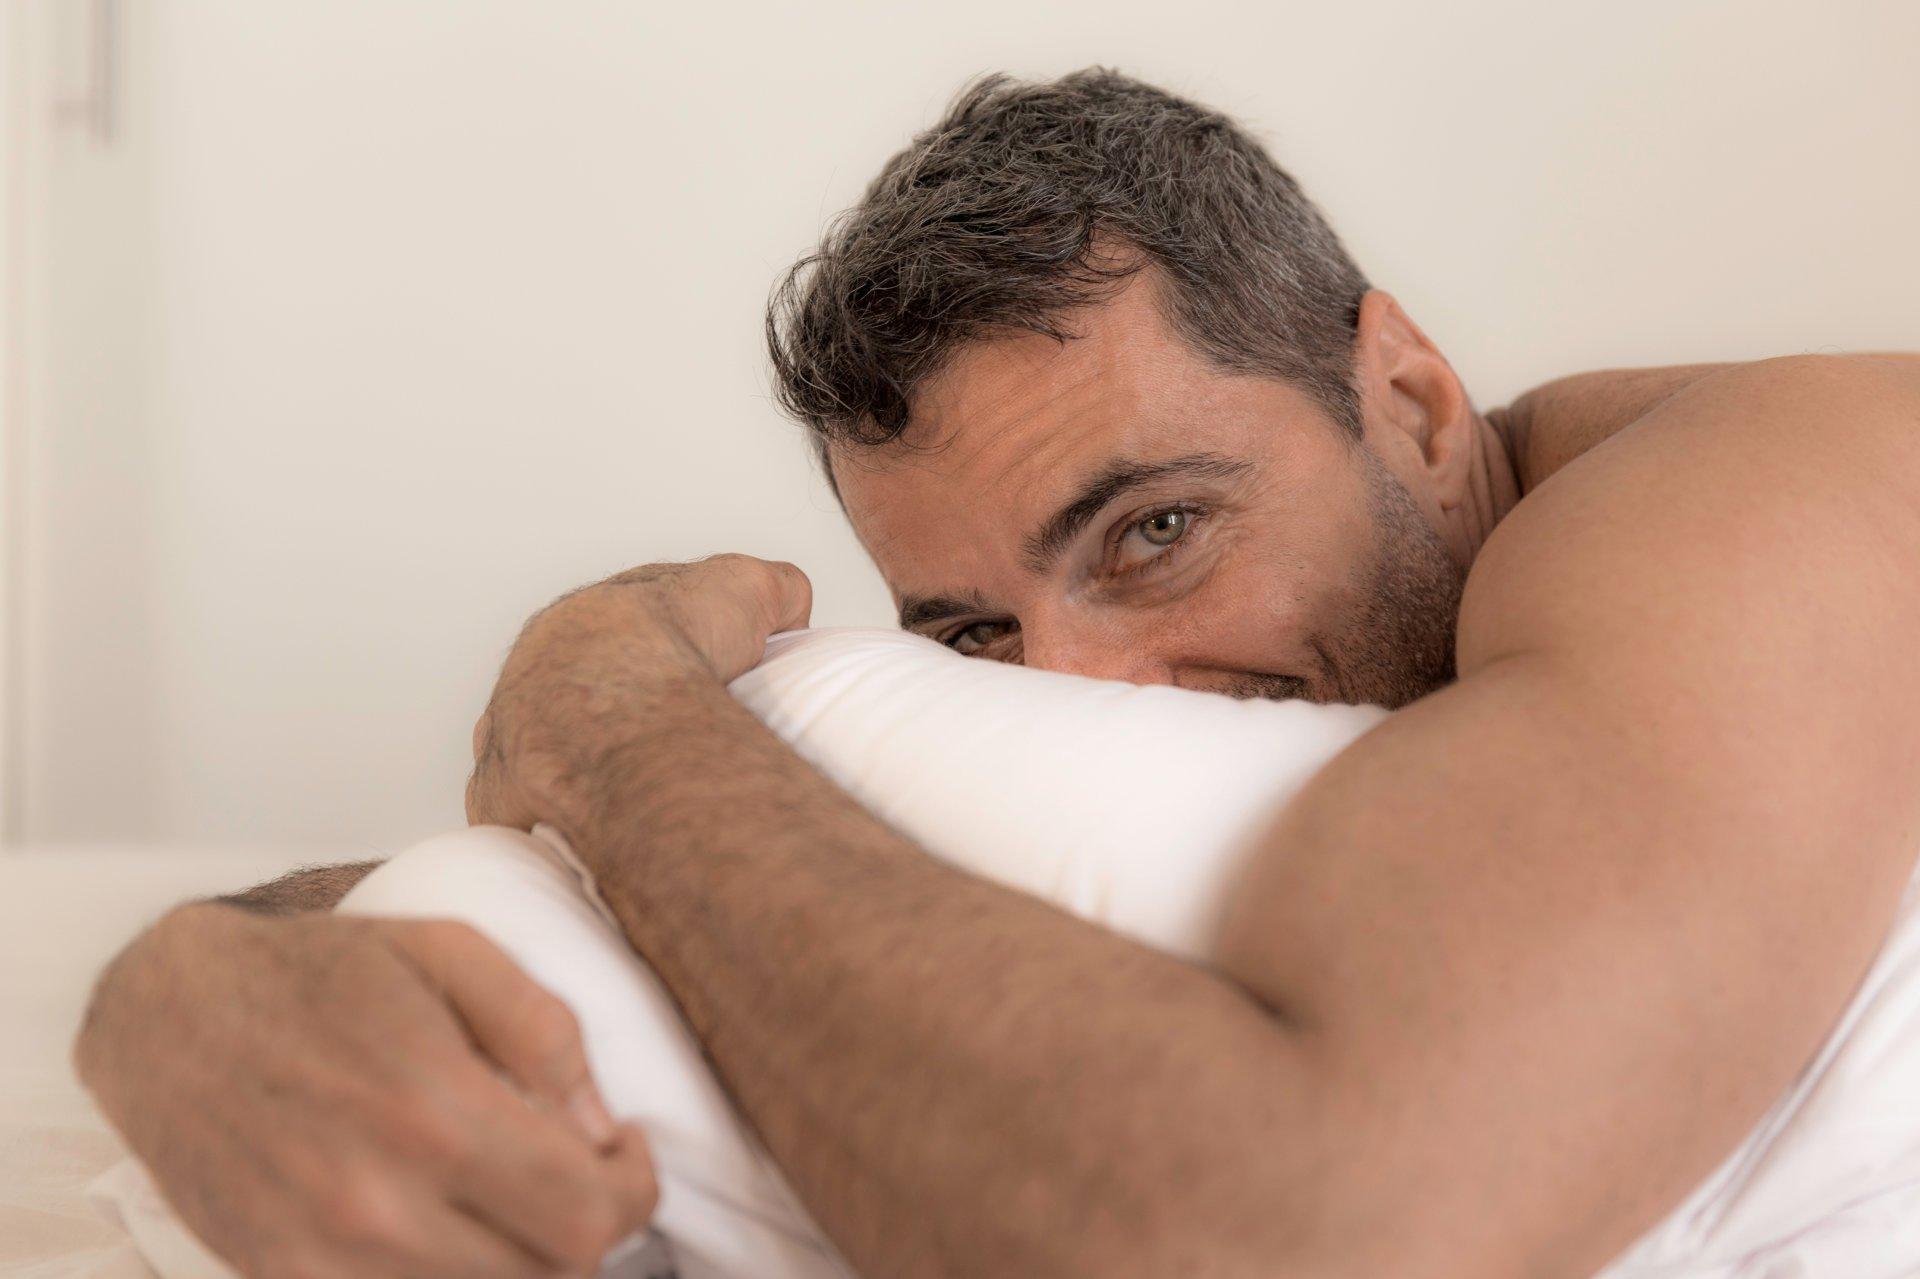 erekcijos priežastys naktį bloga erekcija kurse